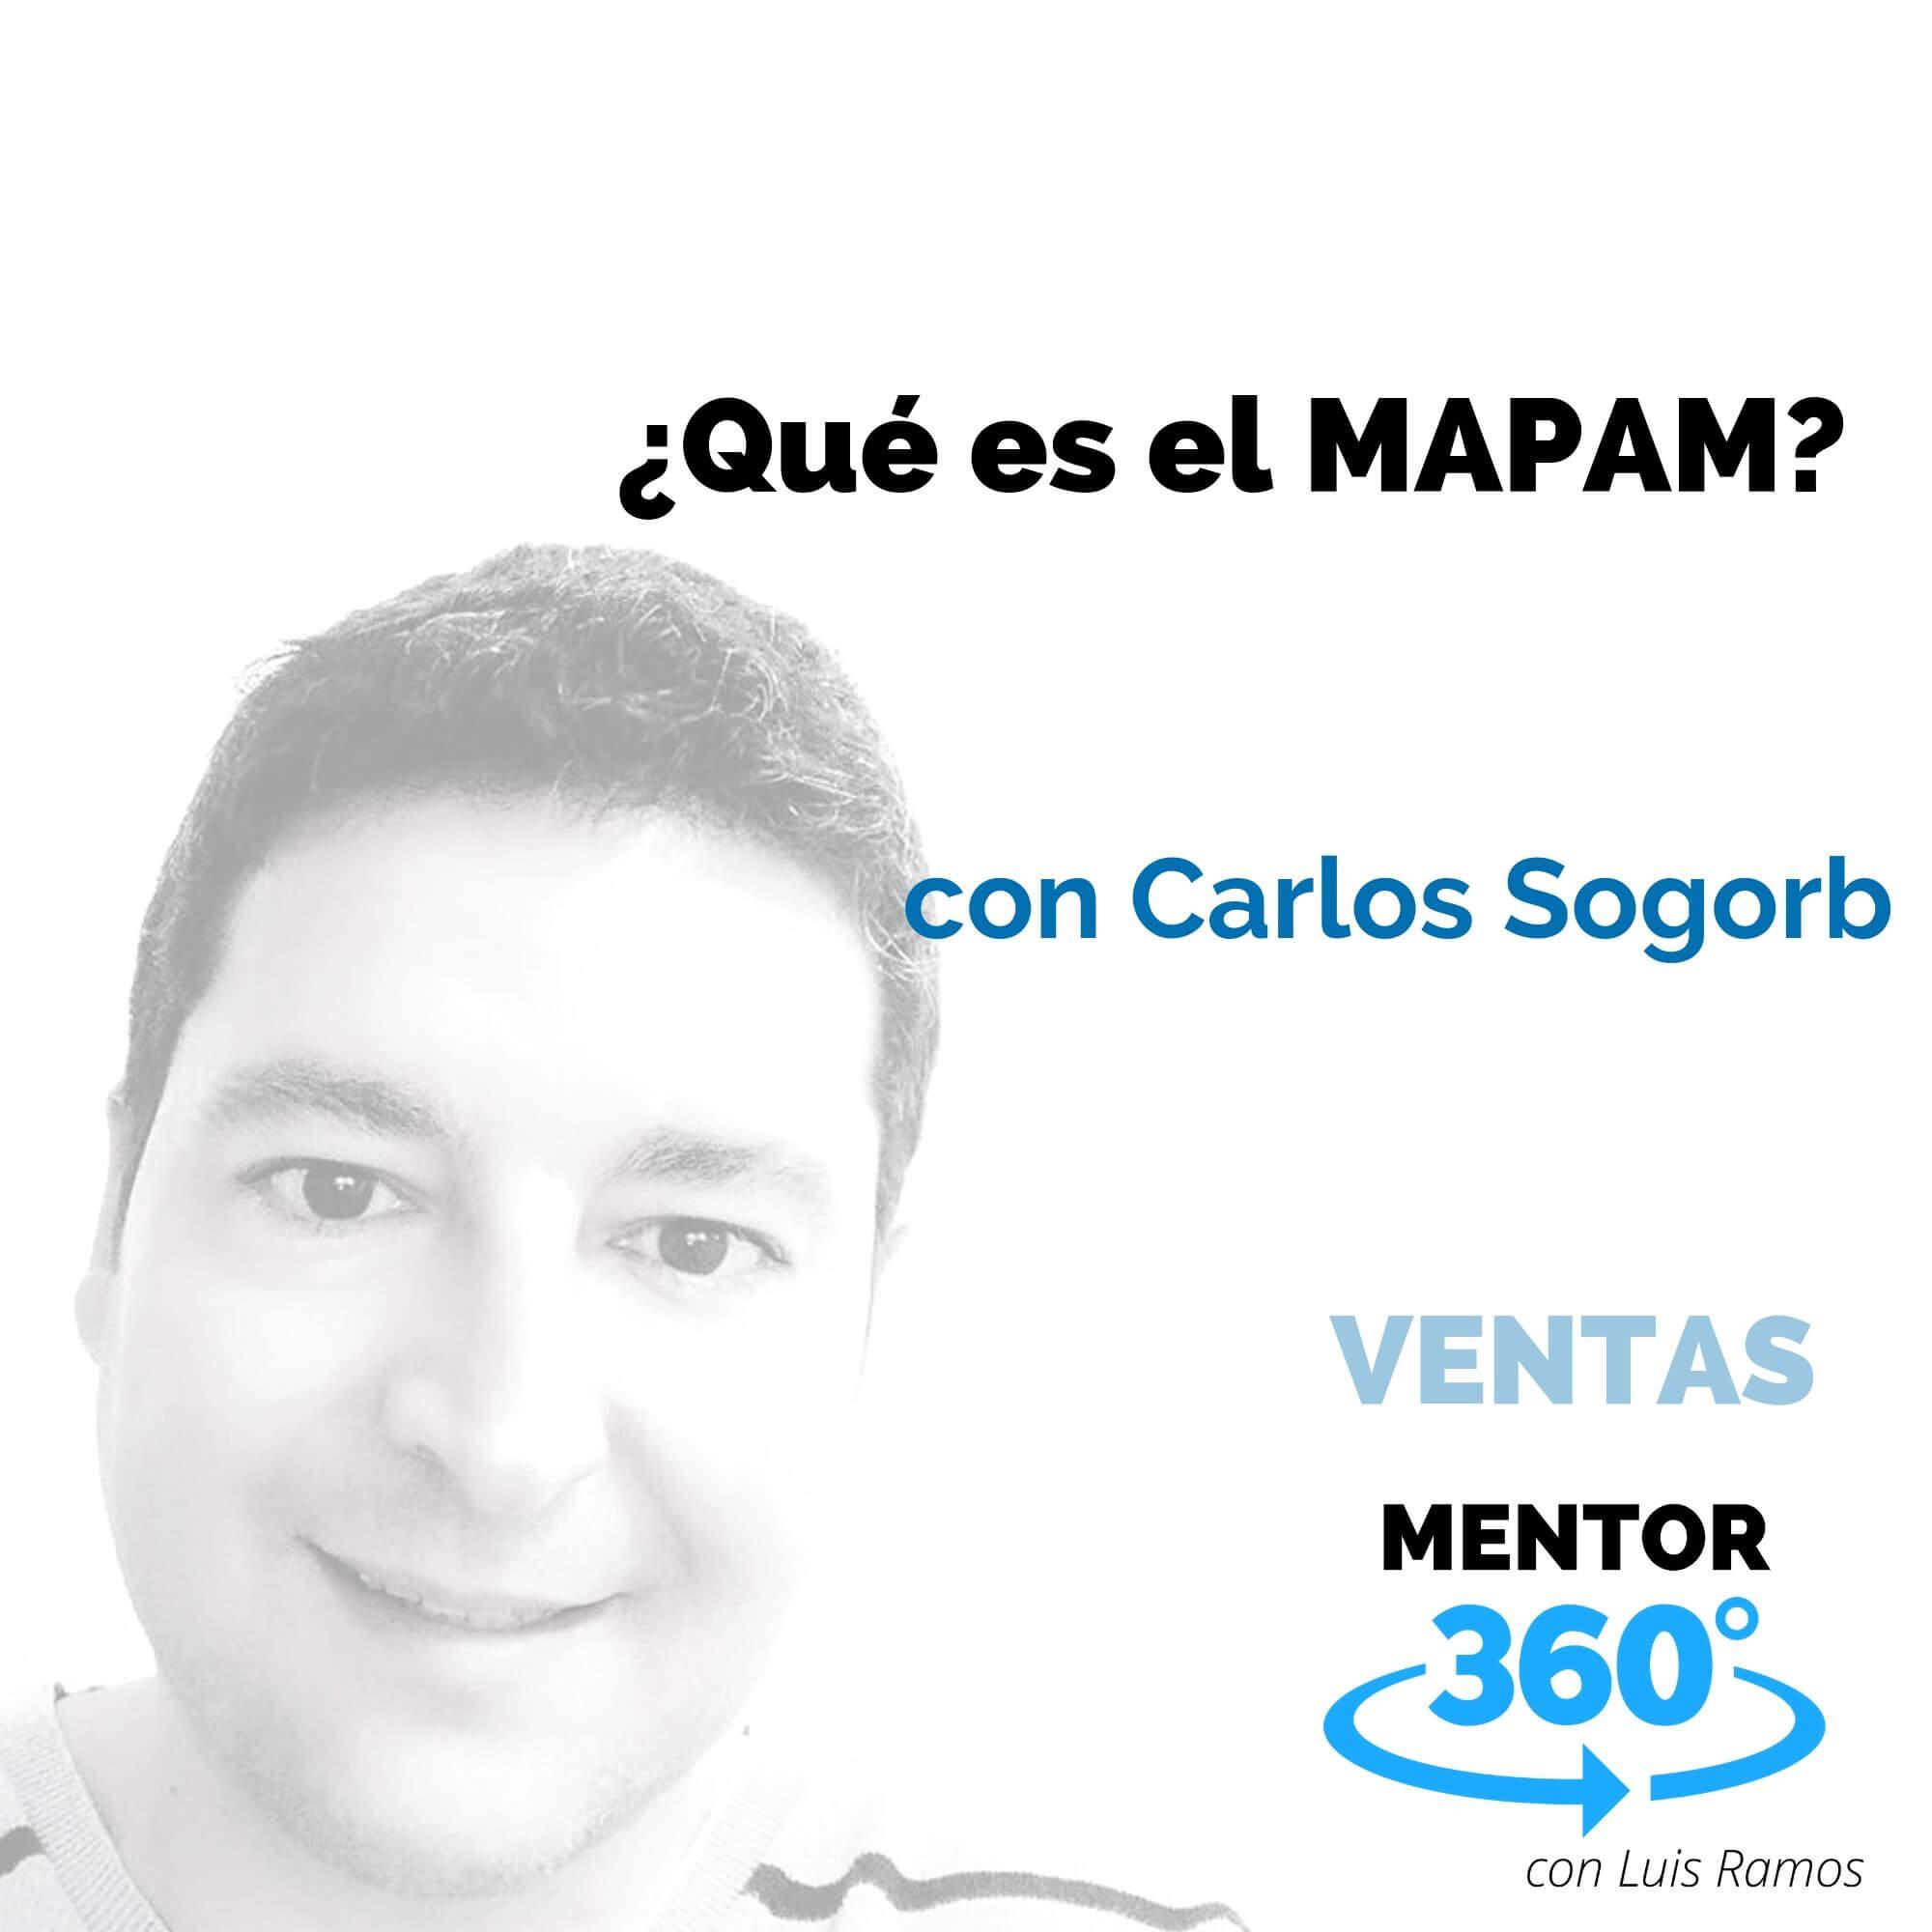 ¿Qué es el MAPAN?, con Carlos Sogorb - VENTAS